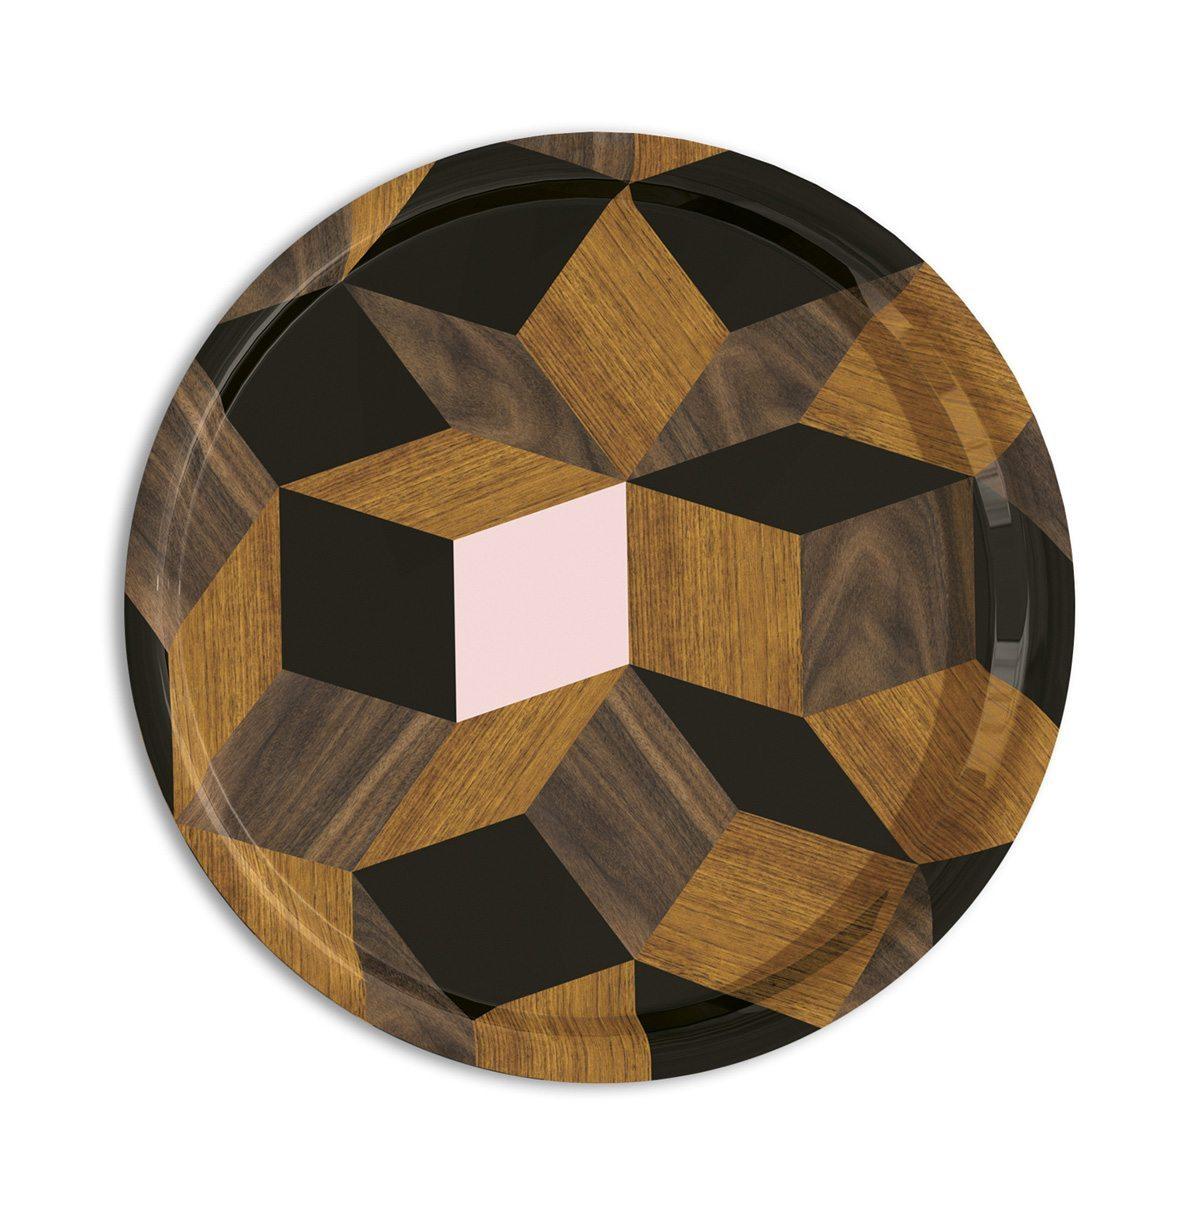 plateaux Penrose springwood, modèles round, design Ich&Kar édition Bazartherapy